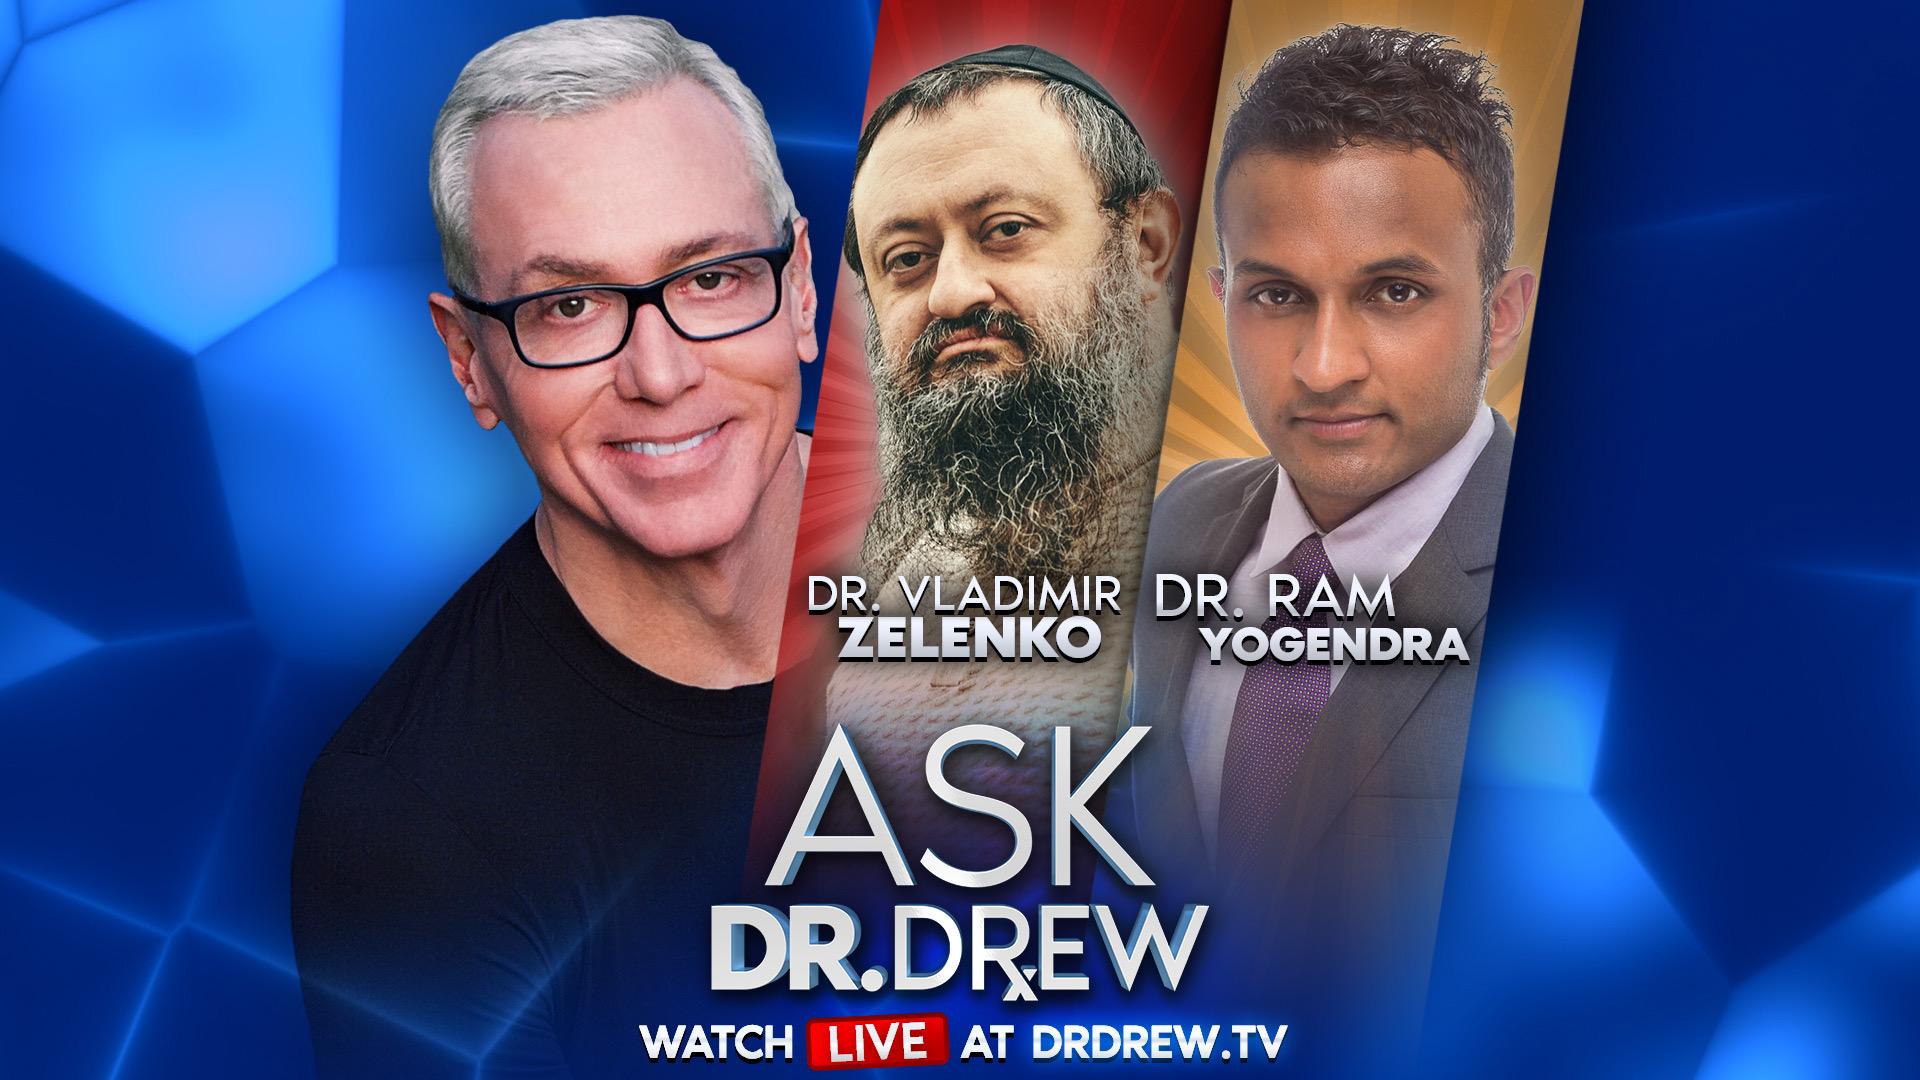 COVID-19 & President Trump: Dr. Vladimir Zelenko & Dr. Ram Yogendra on Ask Dr. Drew